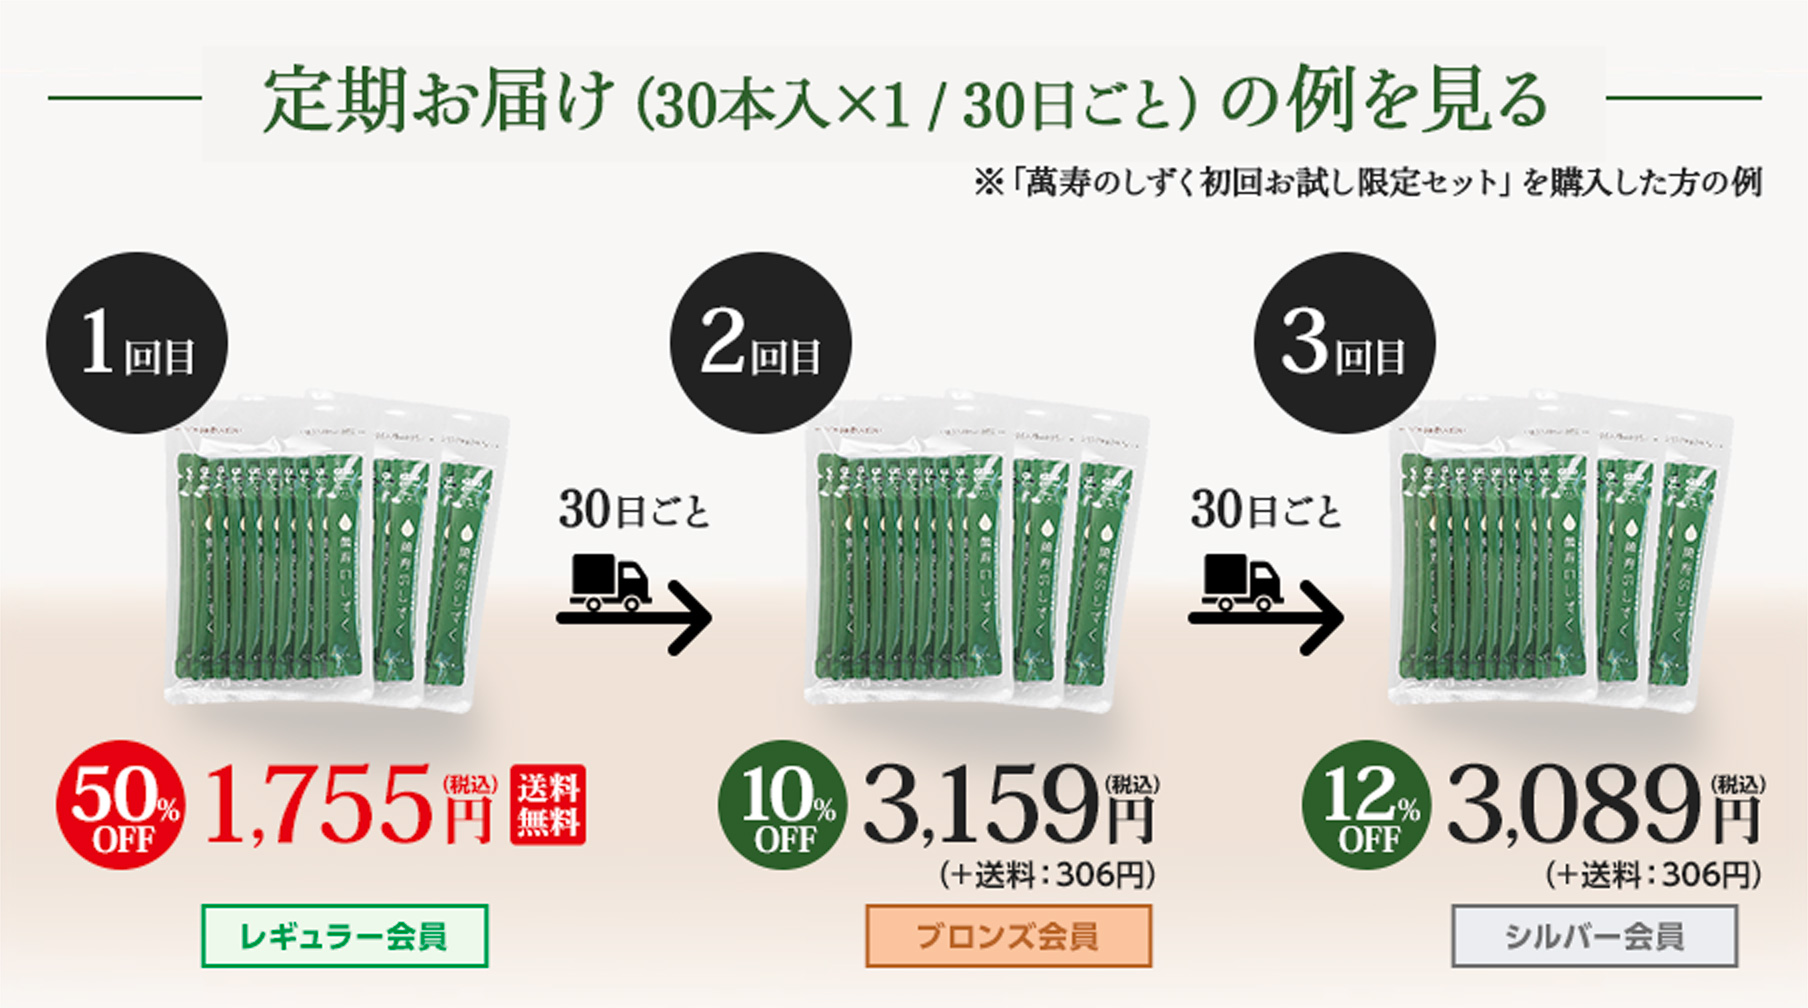 定期お届け(30本入×1 / 30日ごと)の例を見る